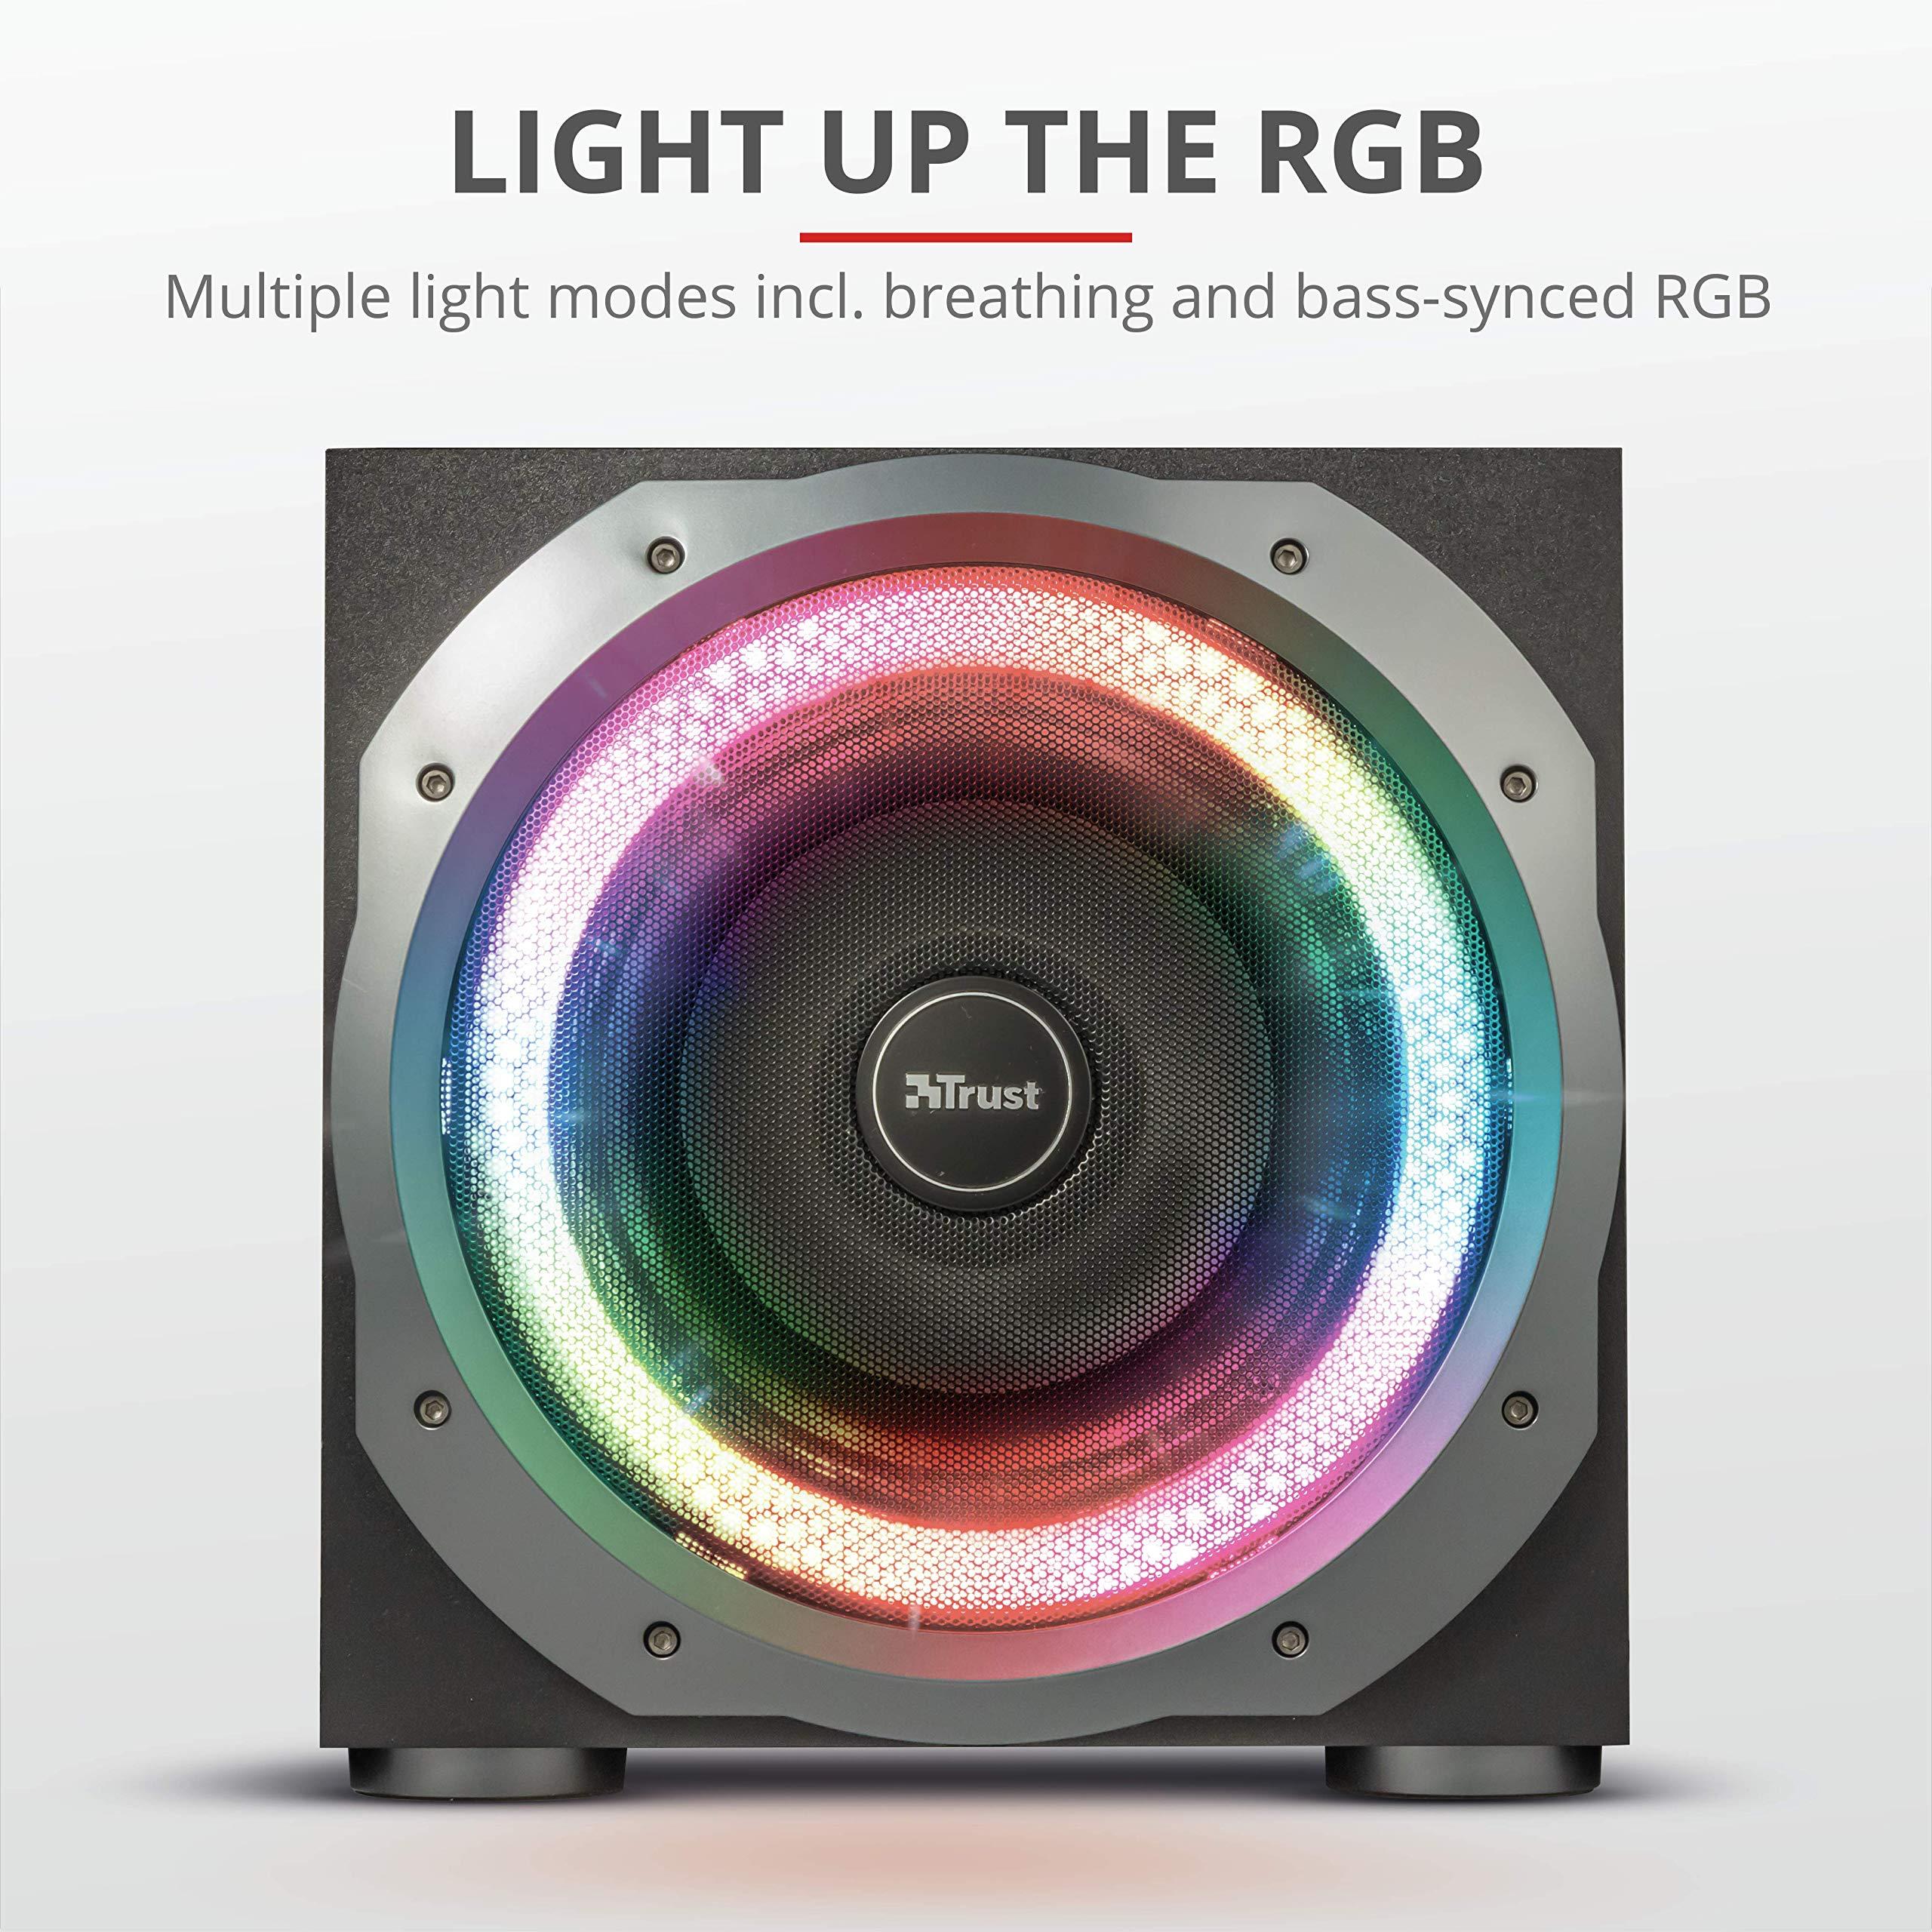 Trust GXT 698 Torro - Juego de altavoces 5.1 con iluminación RGB, dolby digital, para PC, PS4 y Xbox One, 180W, color negro: Amazon.es: Informática